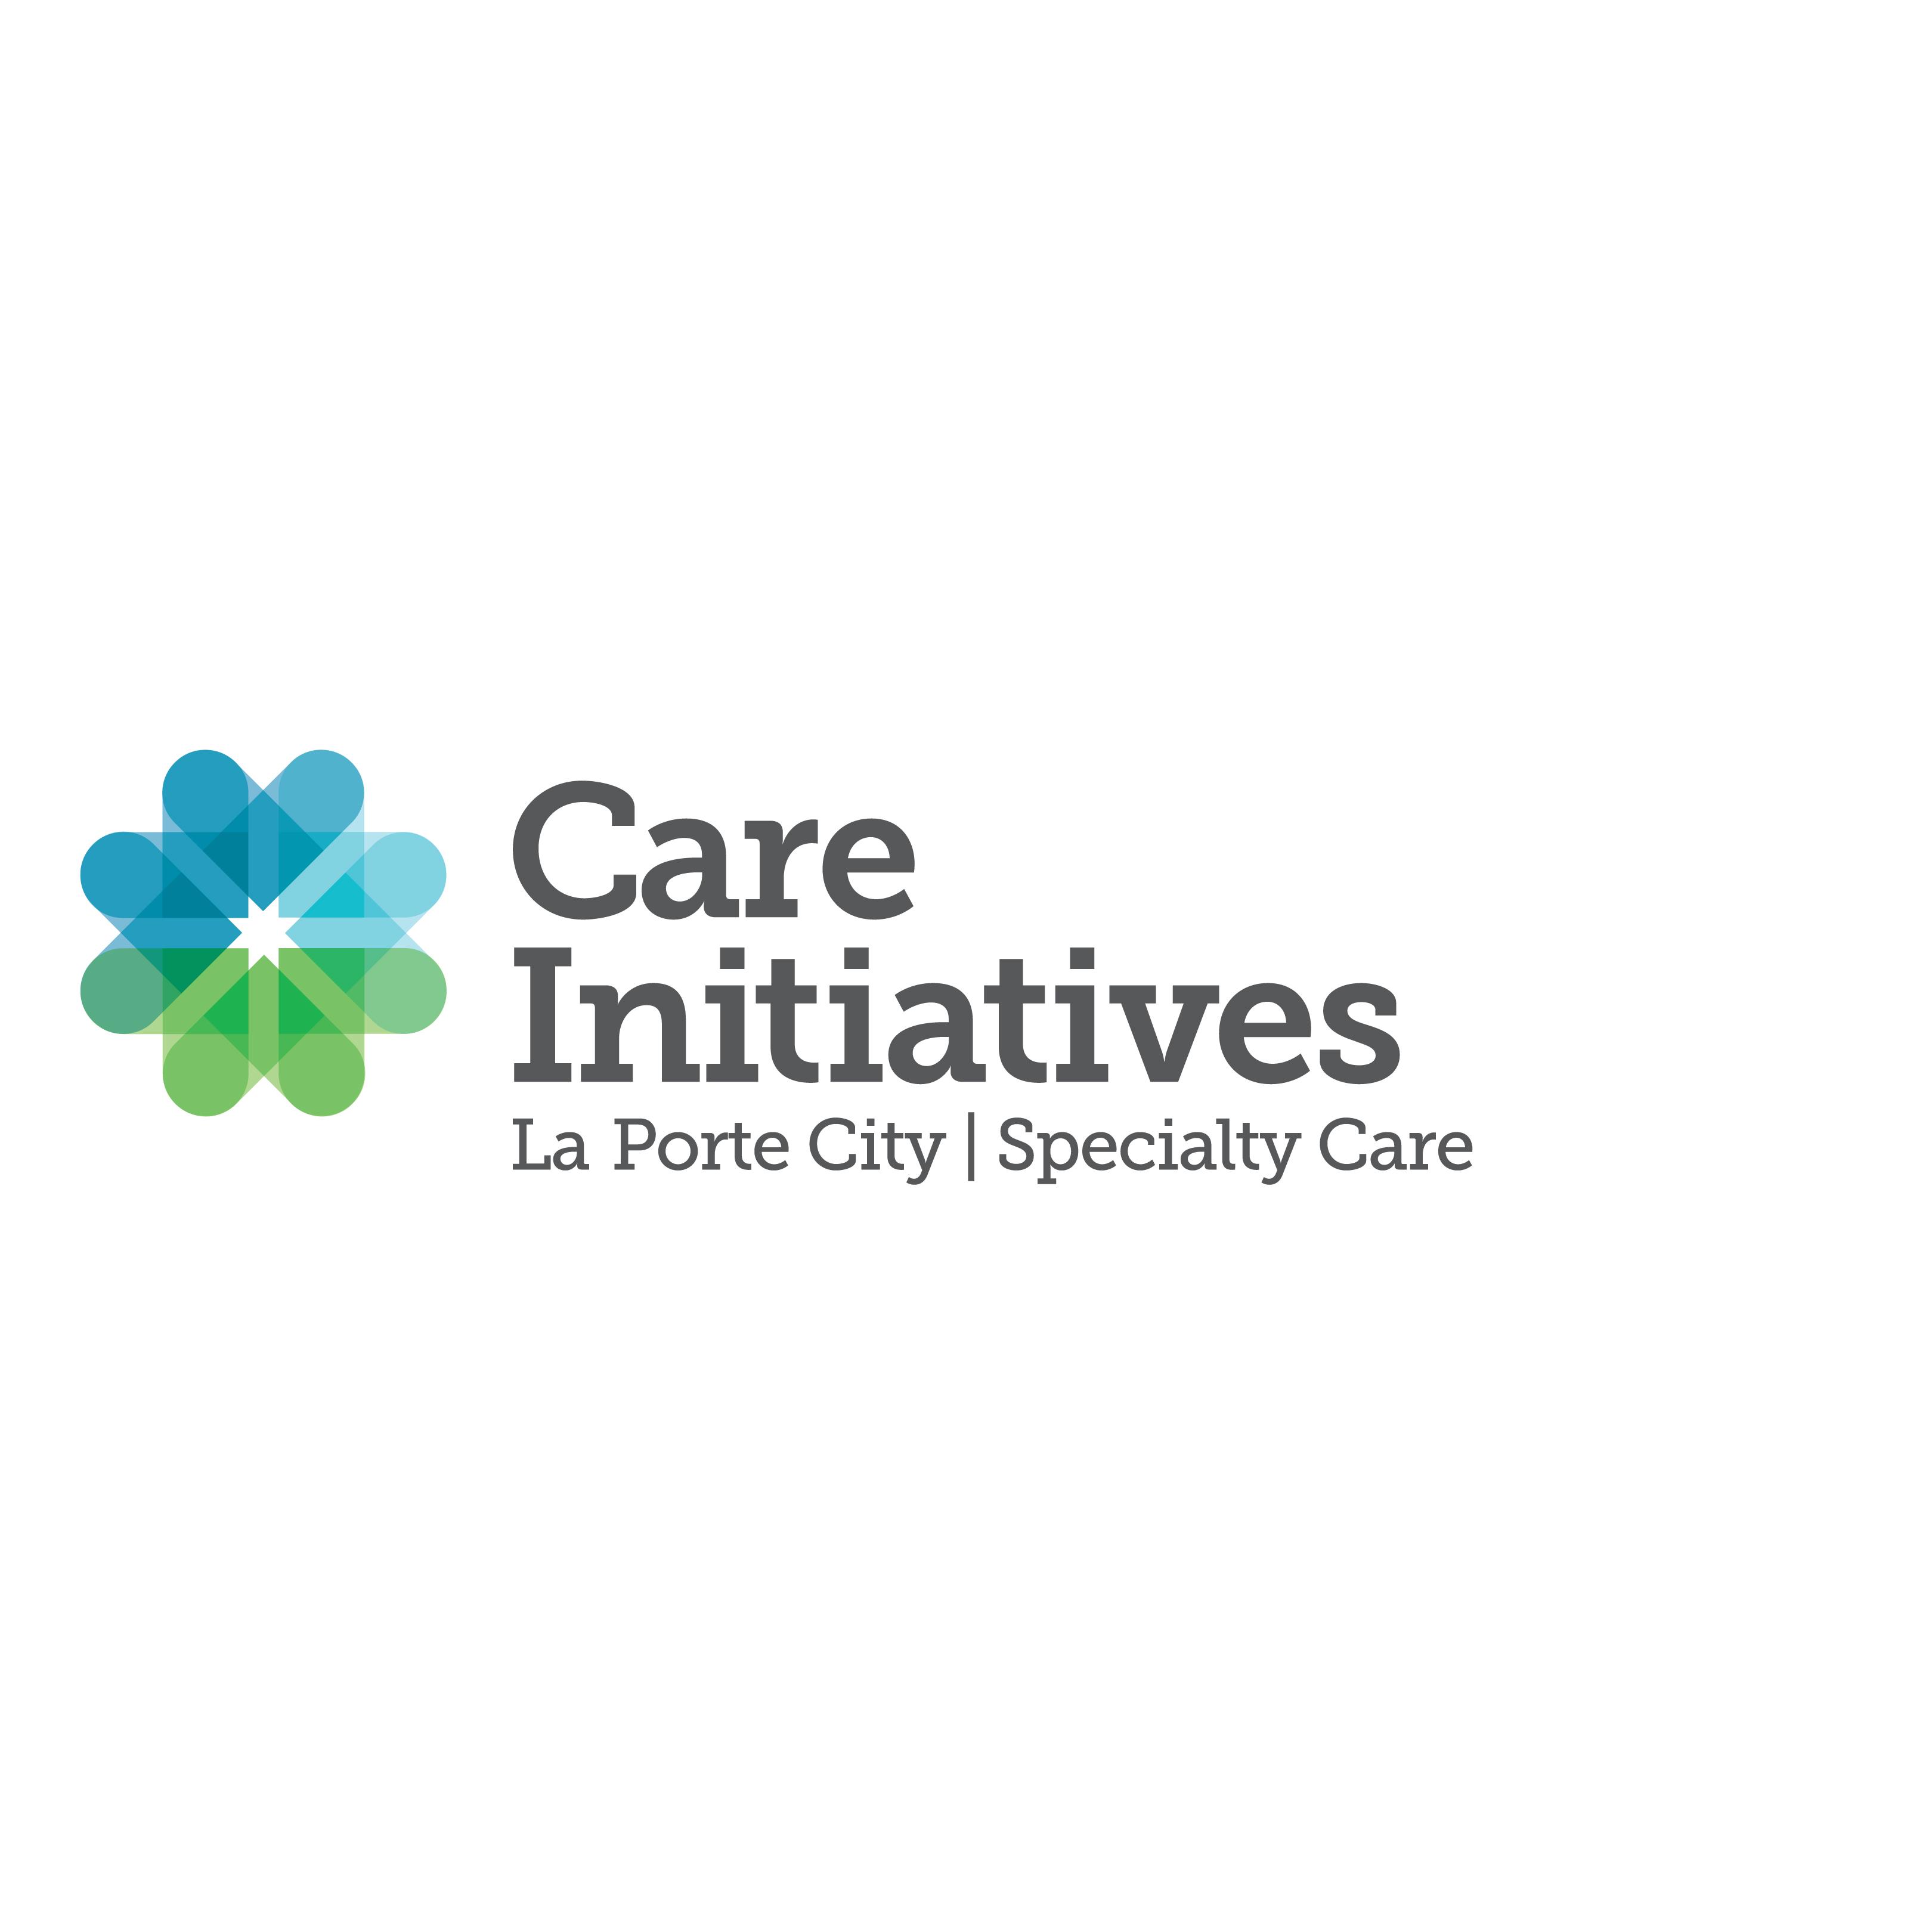 La porte city specialty care in la porte city ia 50651 for La porte city